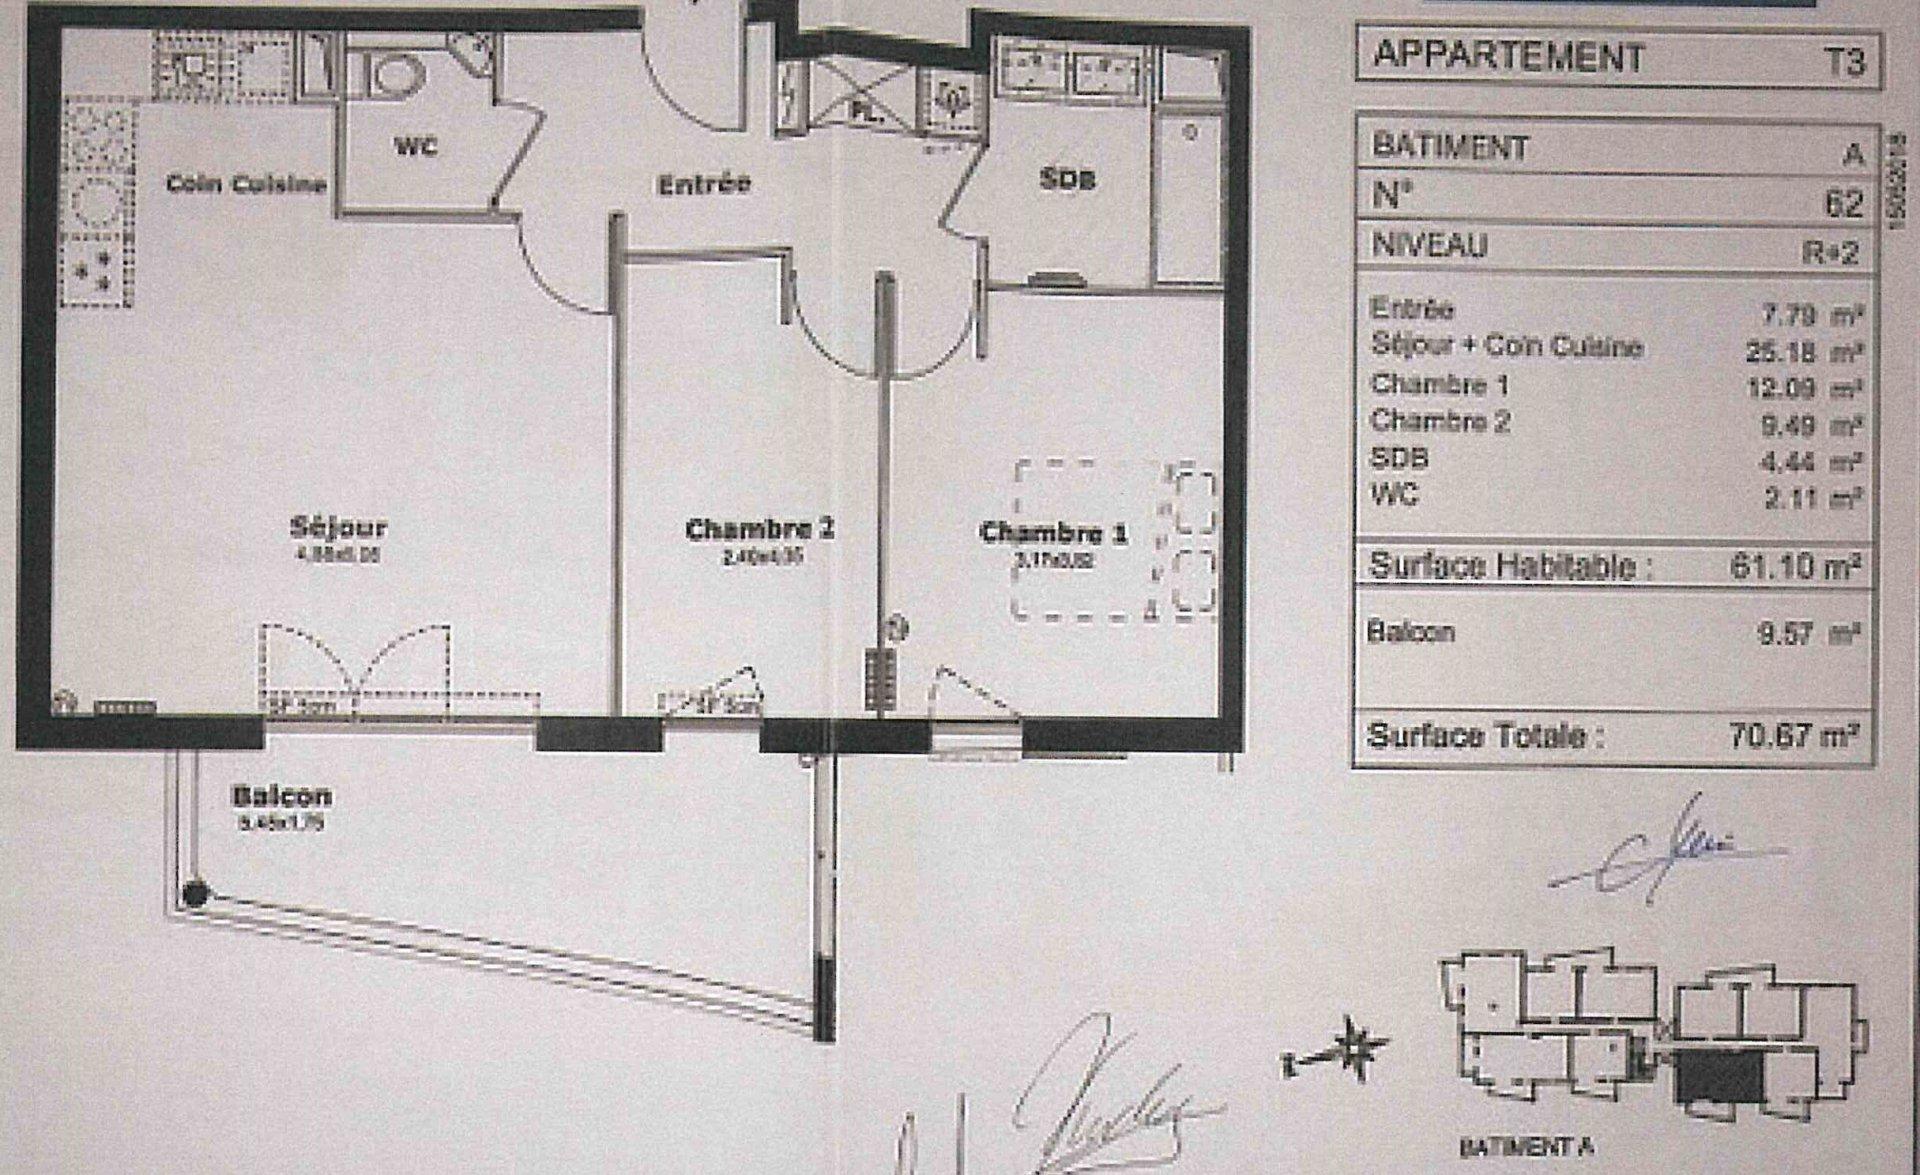 Affitto Appartamento - Saint-Laurent-du-Var Les Pugets